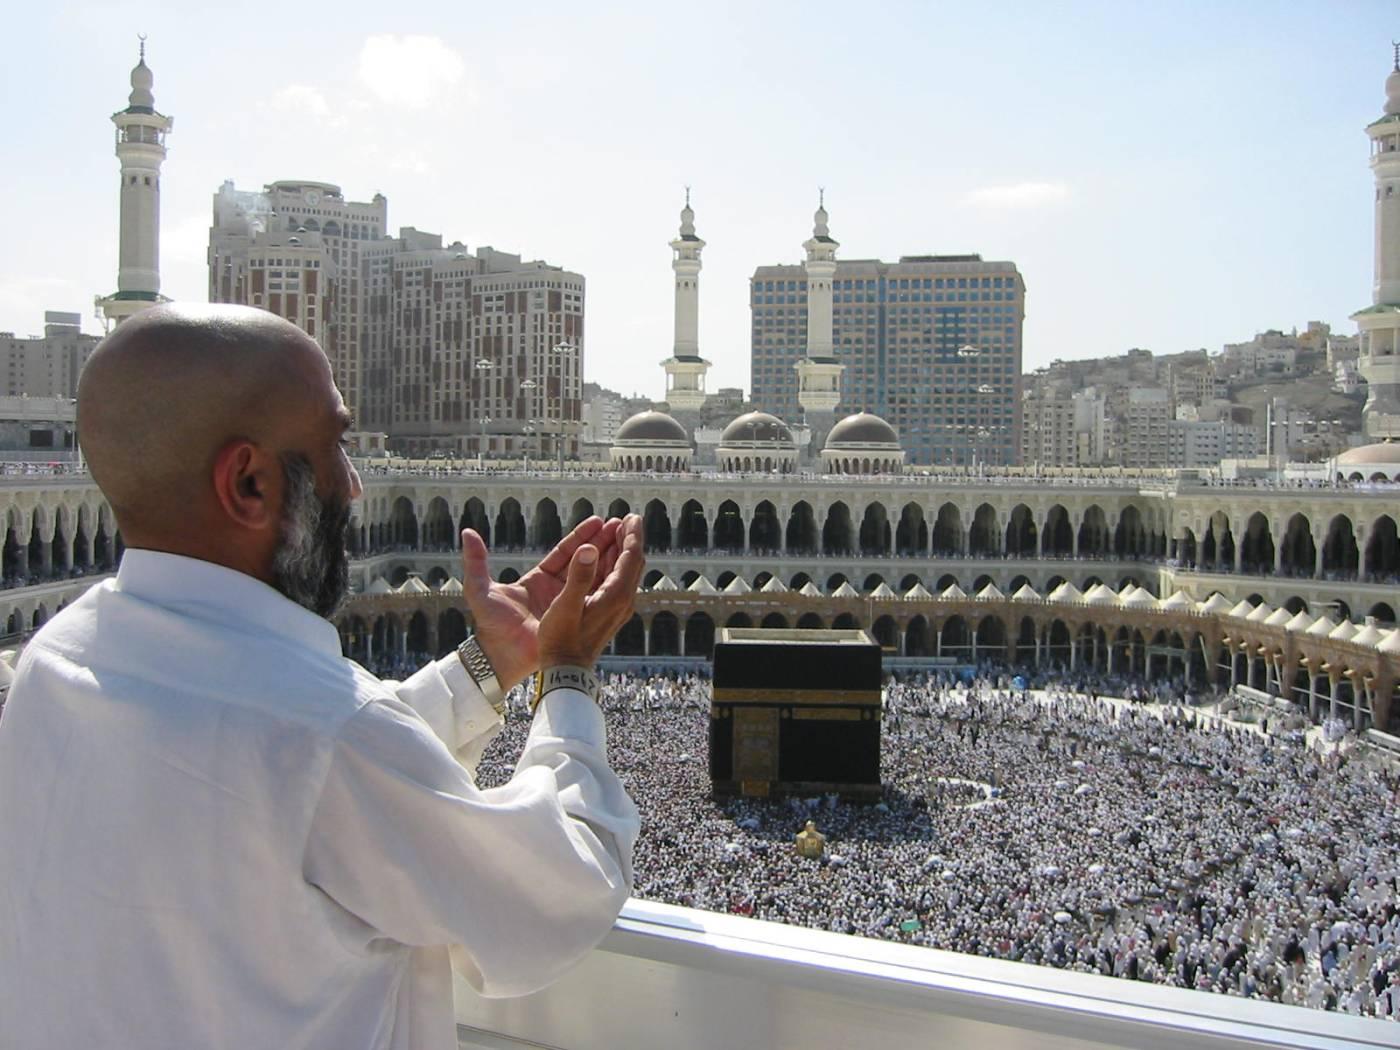 Jesucristo Islam hajj